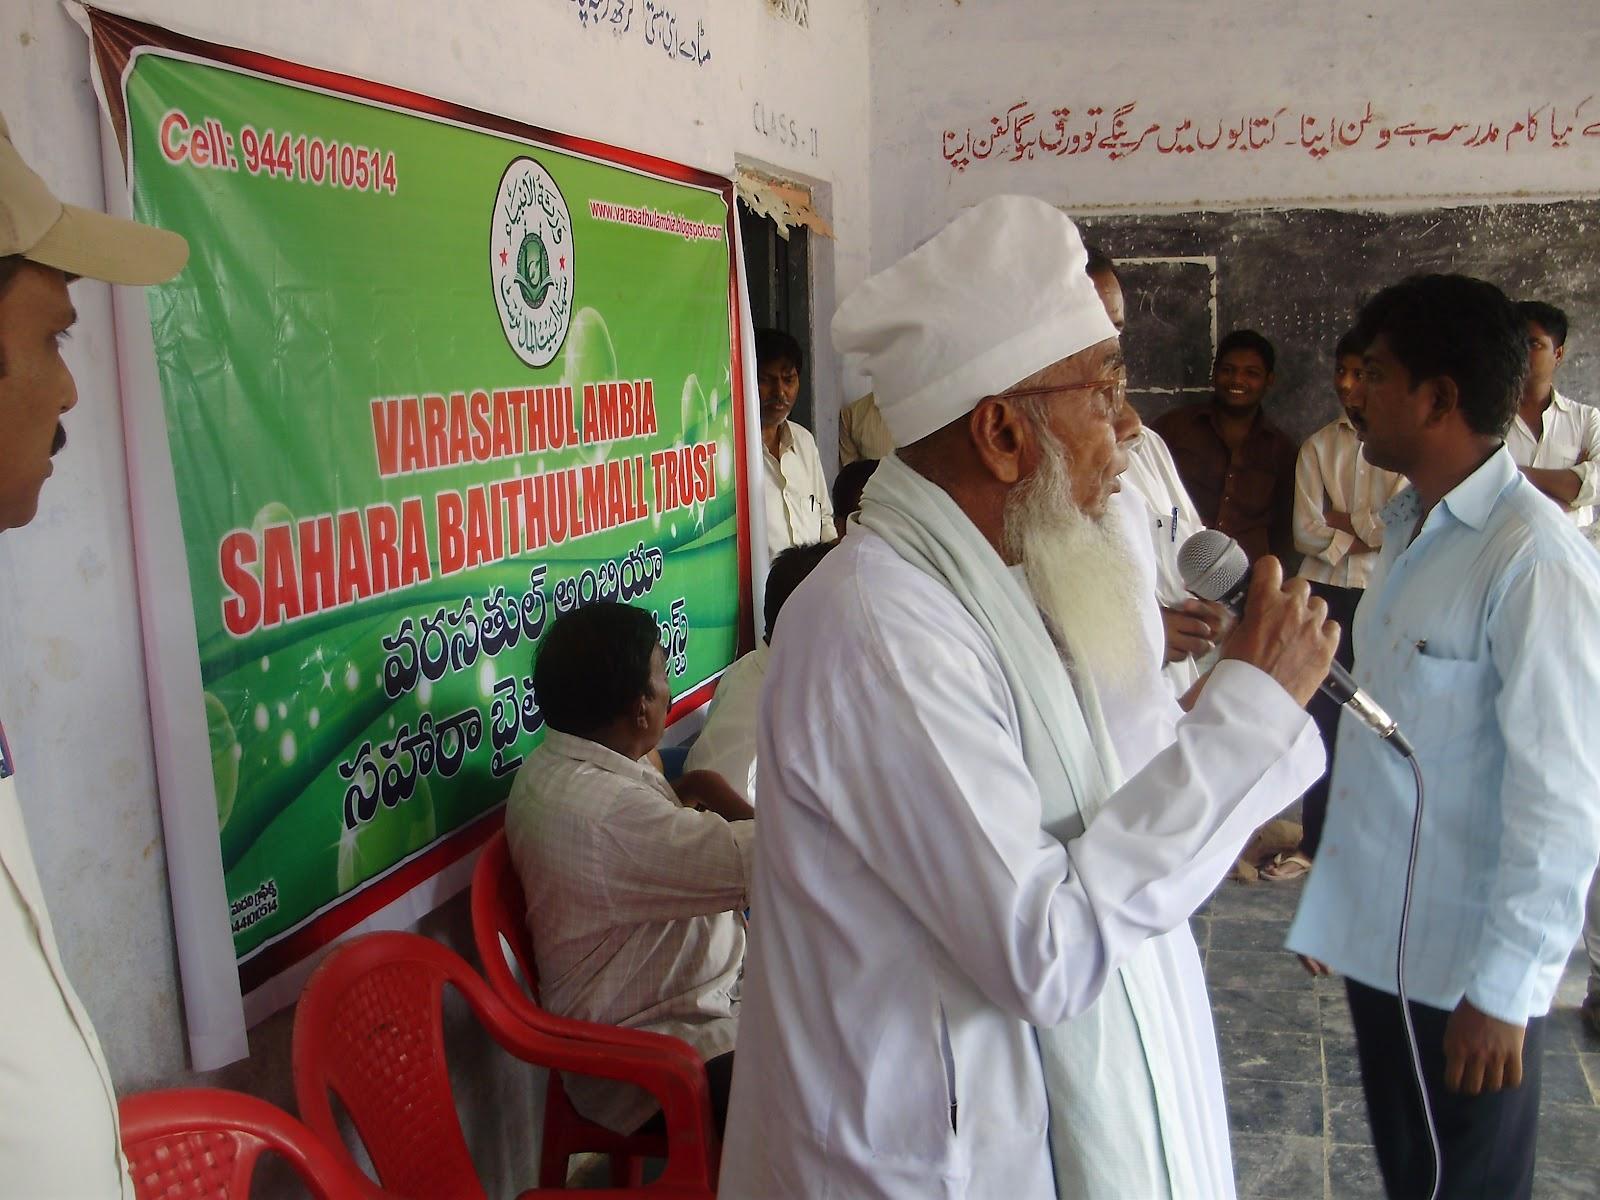 khatna program 2012 at Ananta sagram nellore